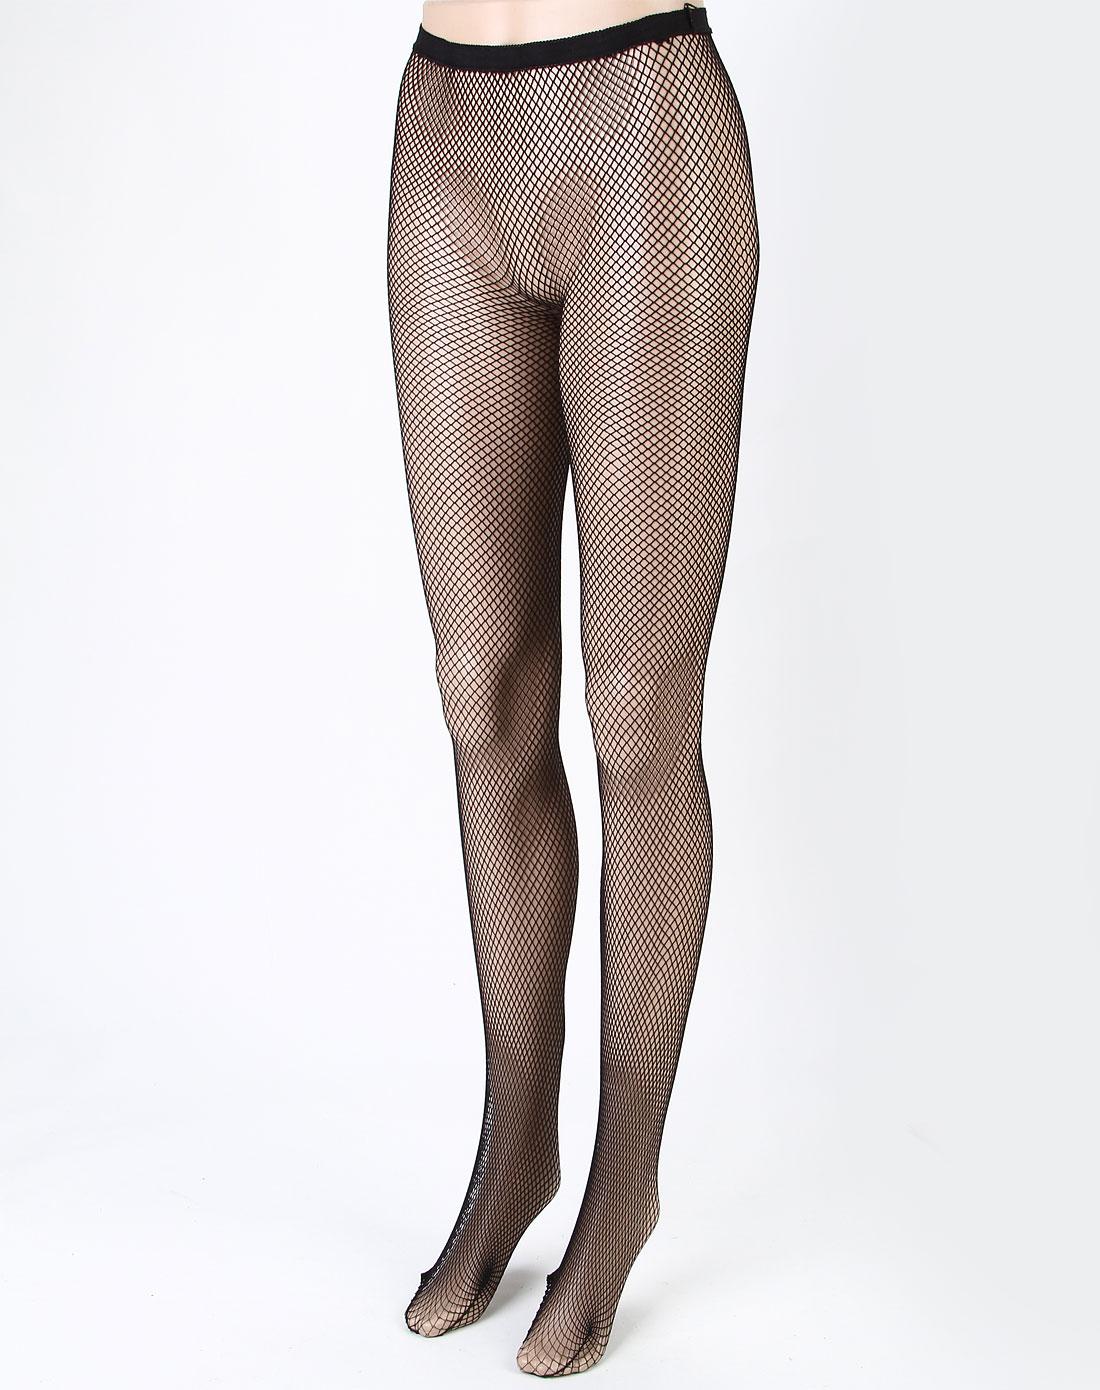 寓美女款黑色网眼纹连裤袜5件1包1521921